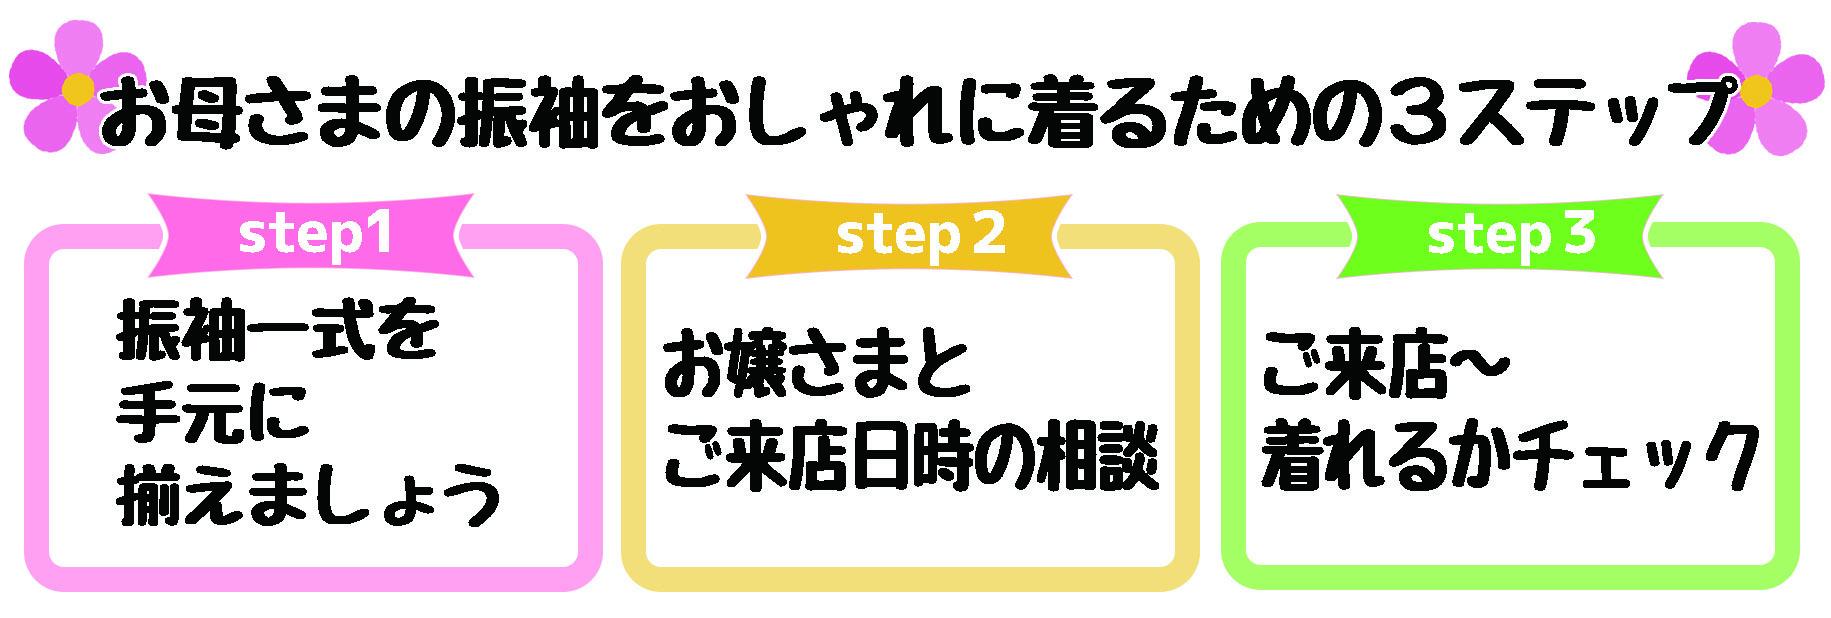 山本呉服店 ママ振 母振 手順 3ステップ